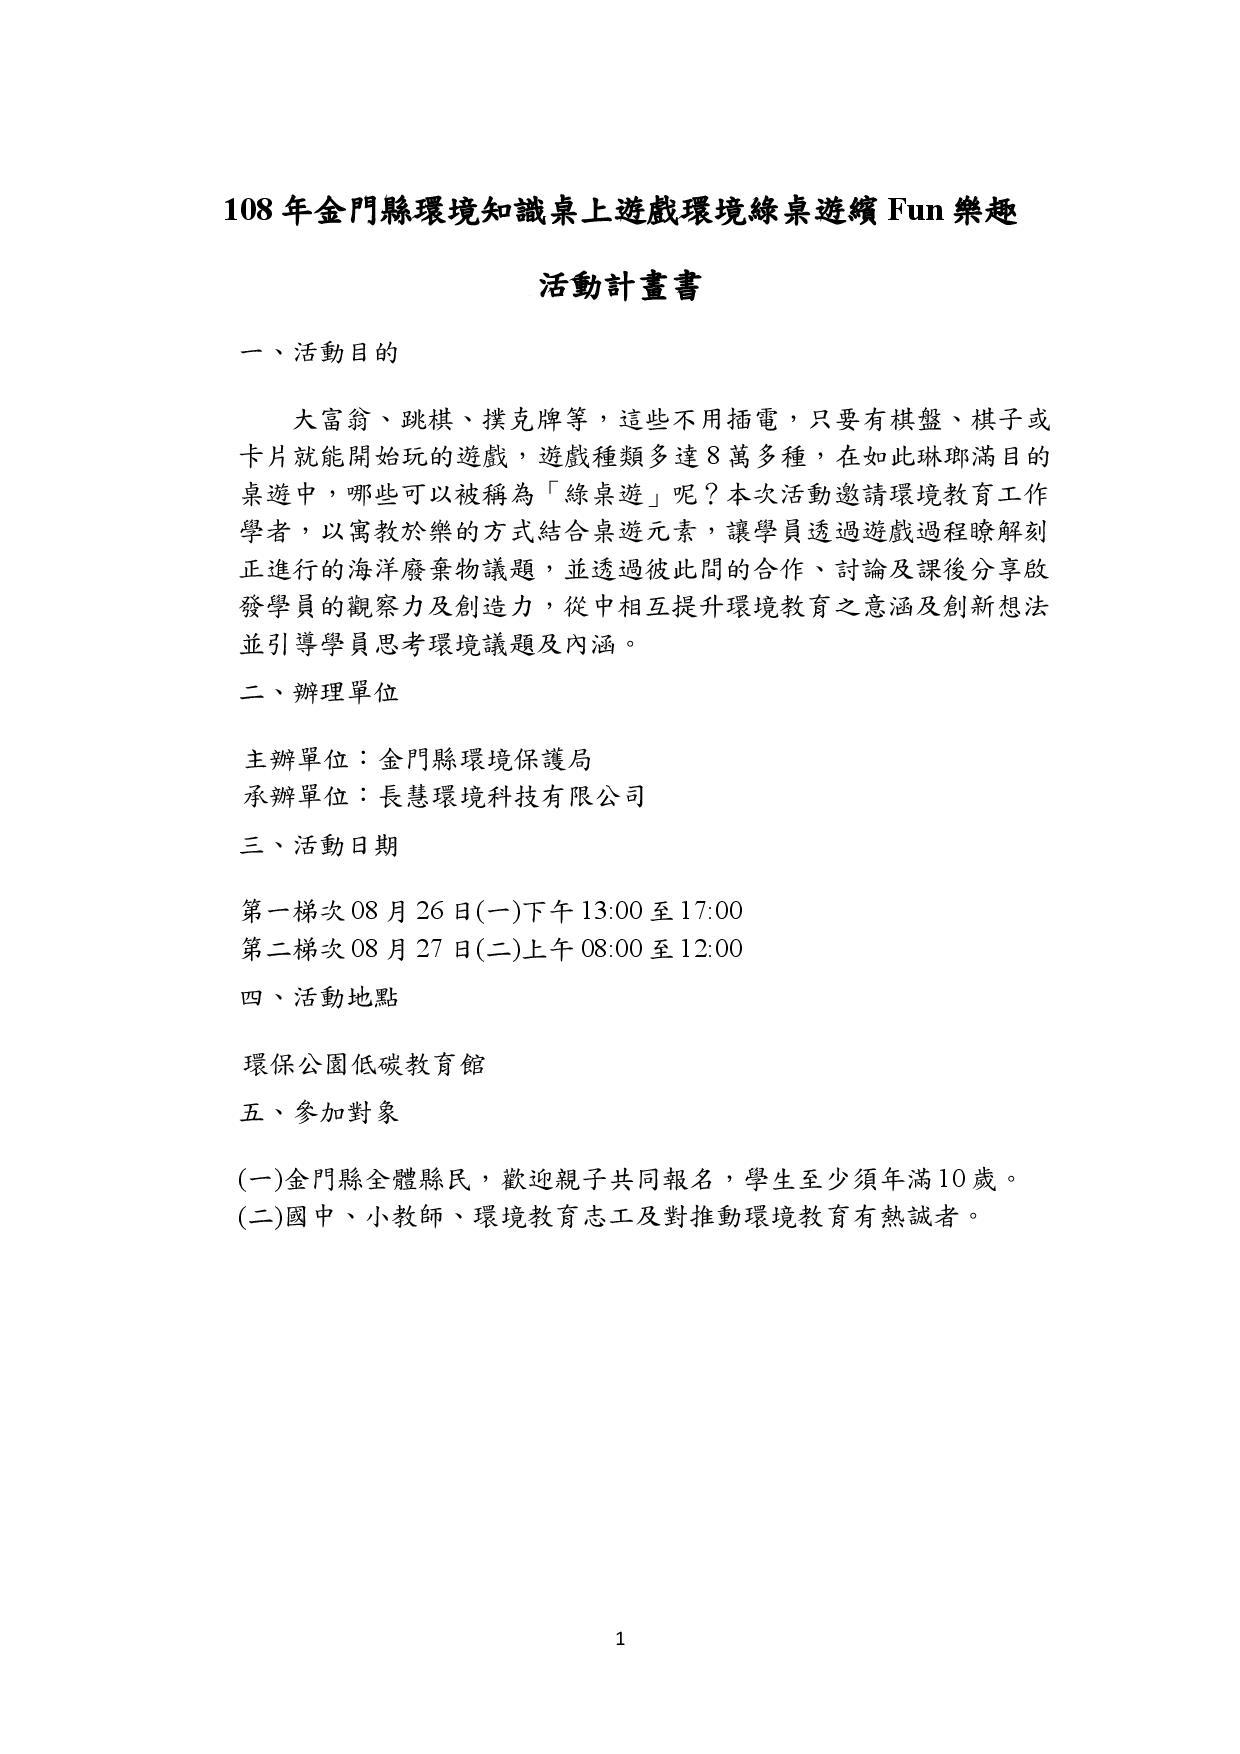 108年金門縣環境知識桌上遊戲活動計畫書_v4